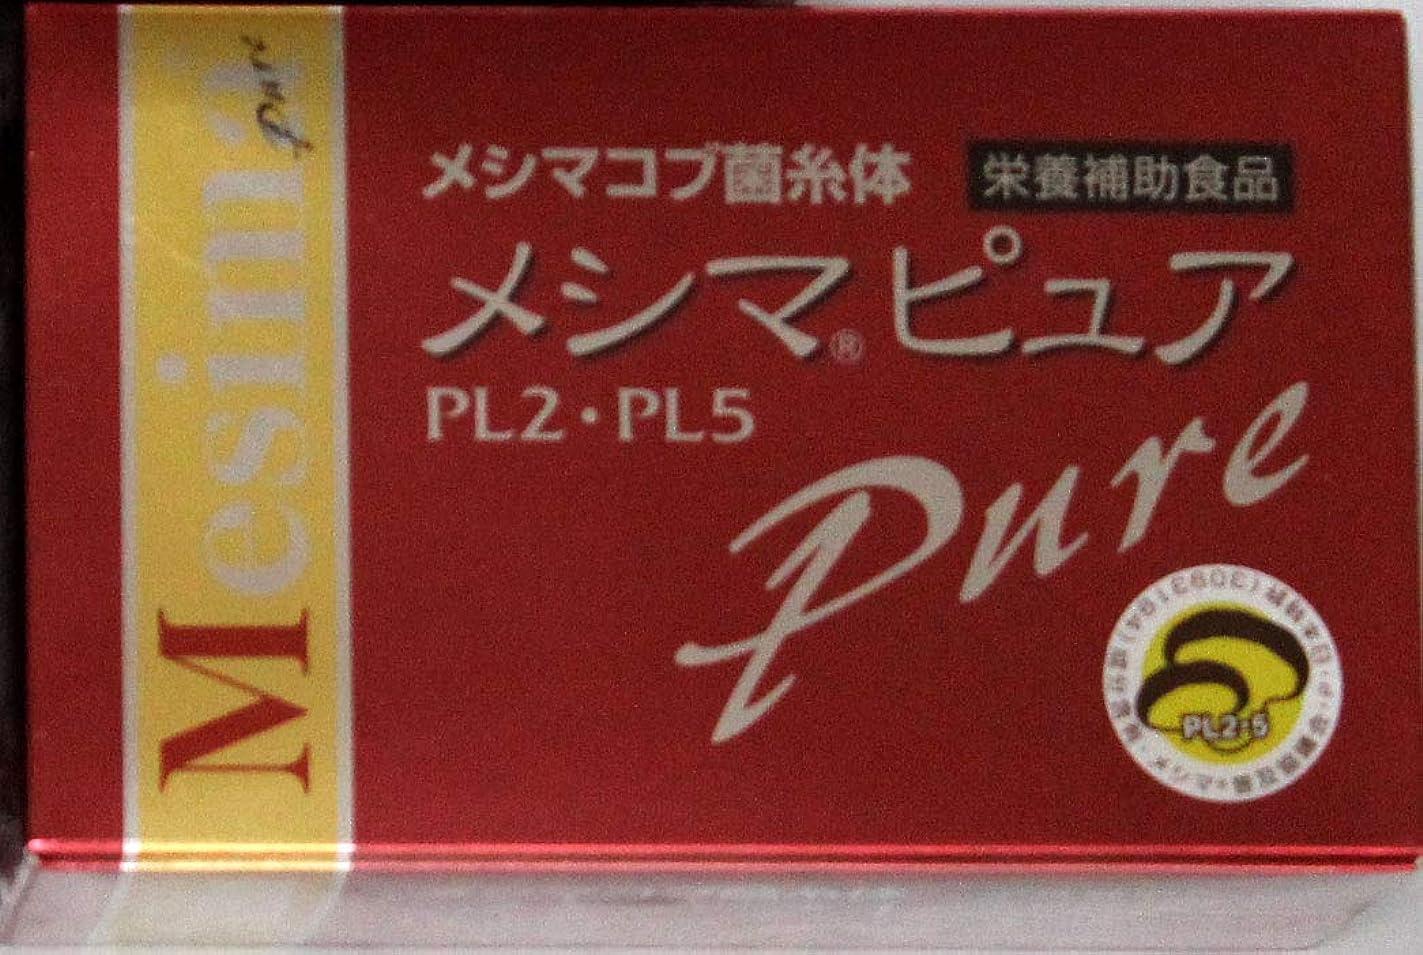 つぶす起訴するプレミアムメシマピュア PL2?PL5